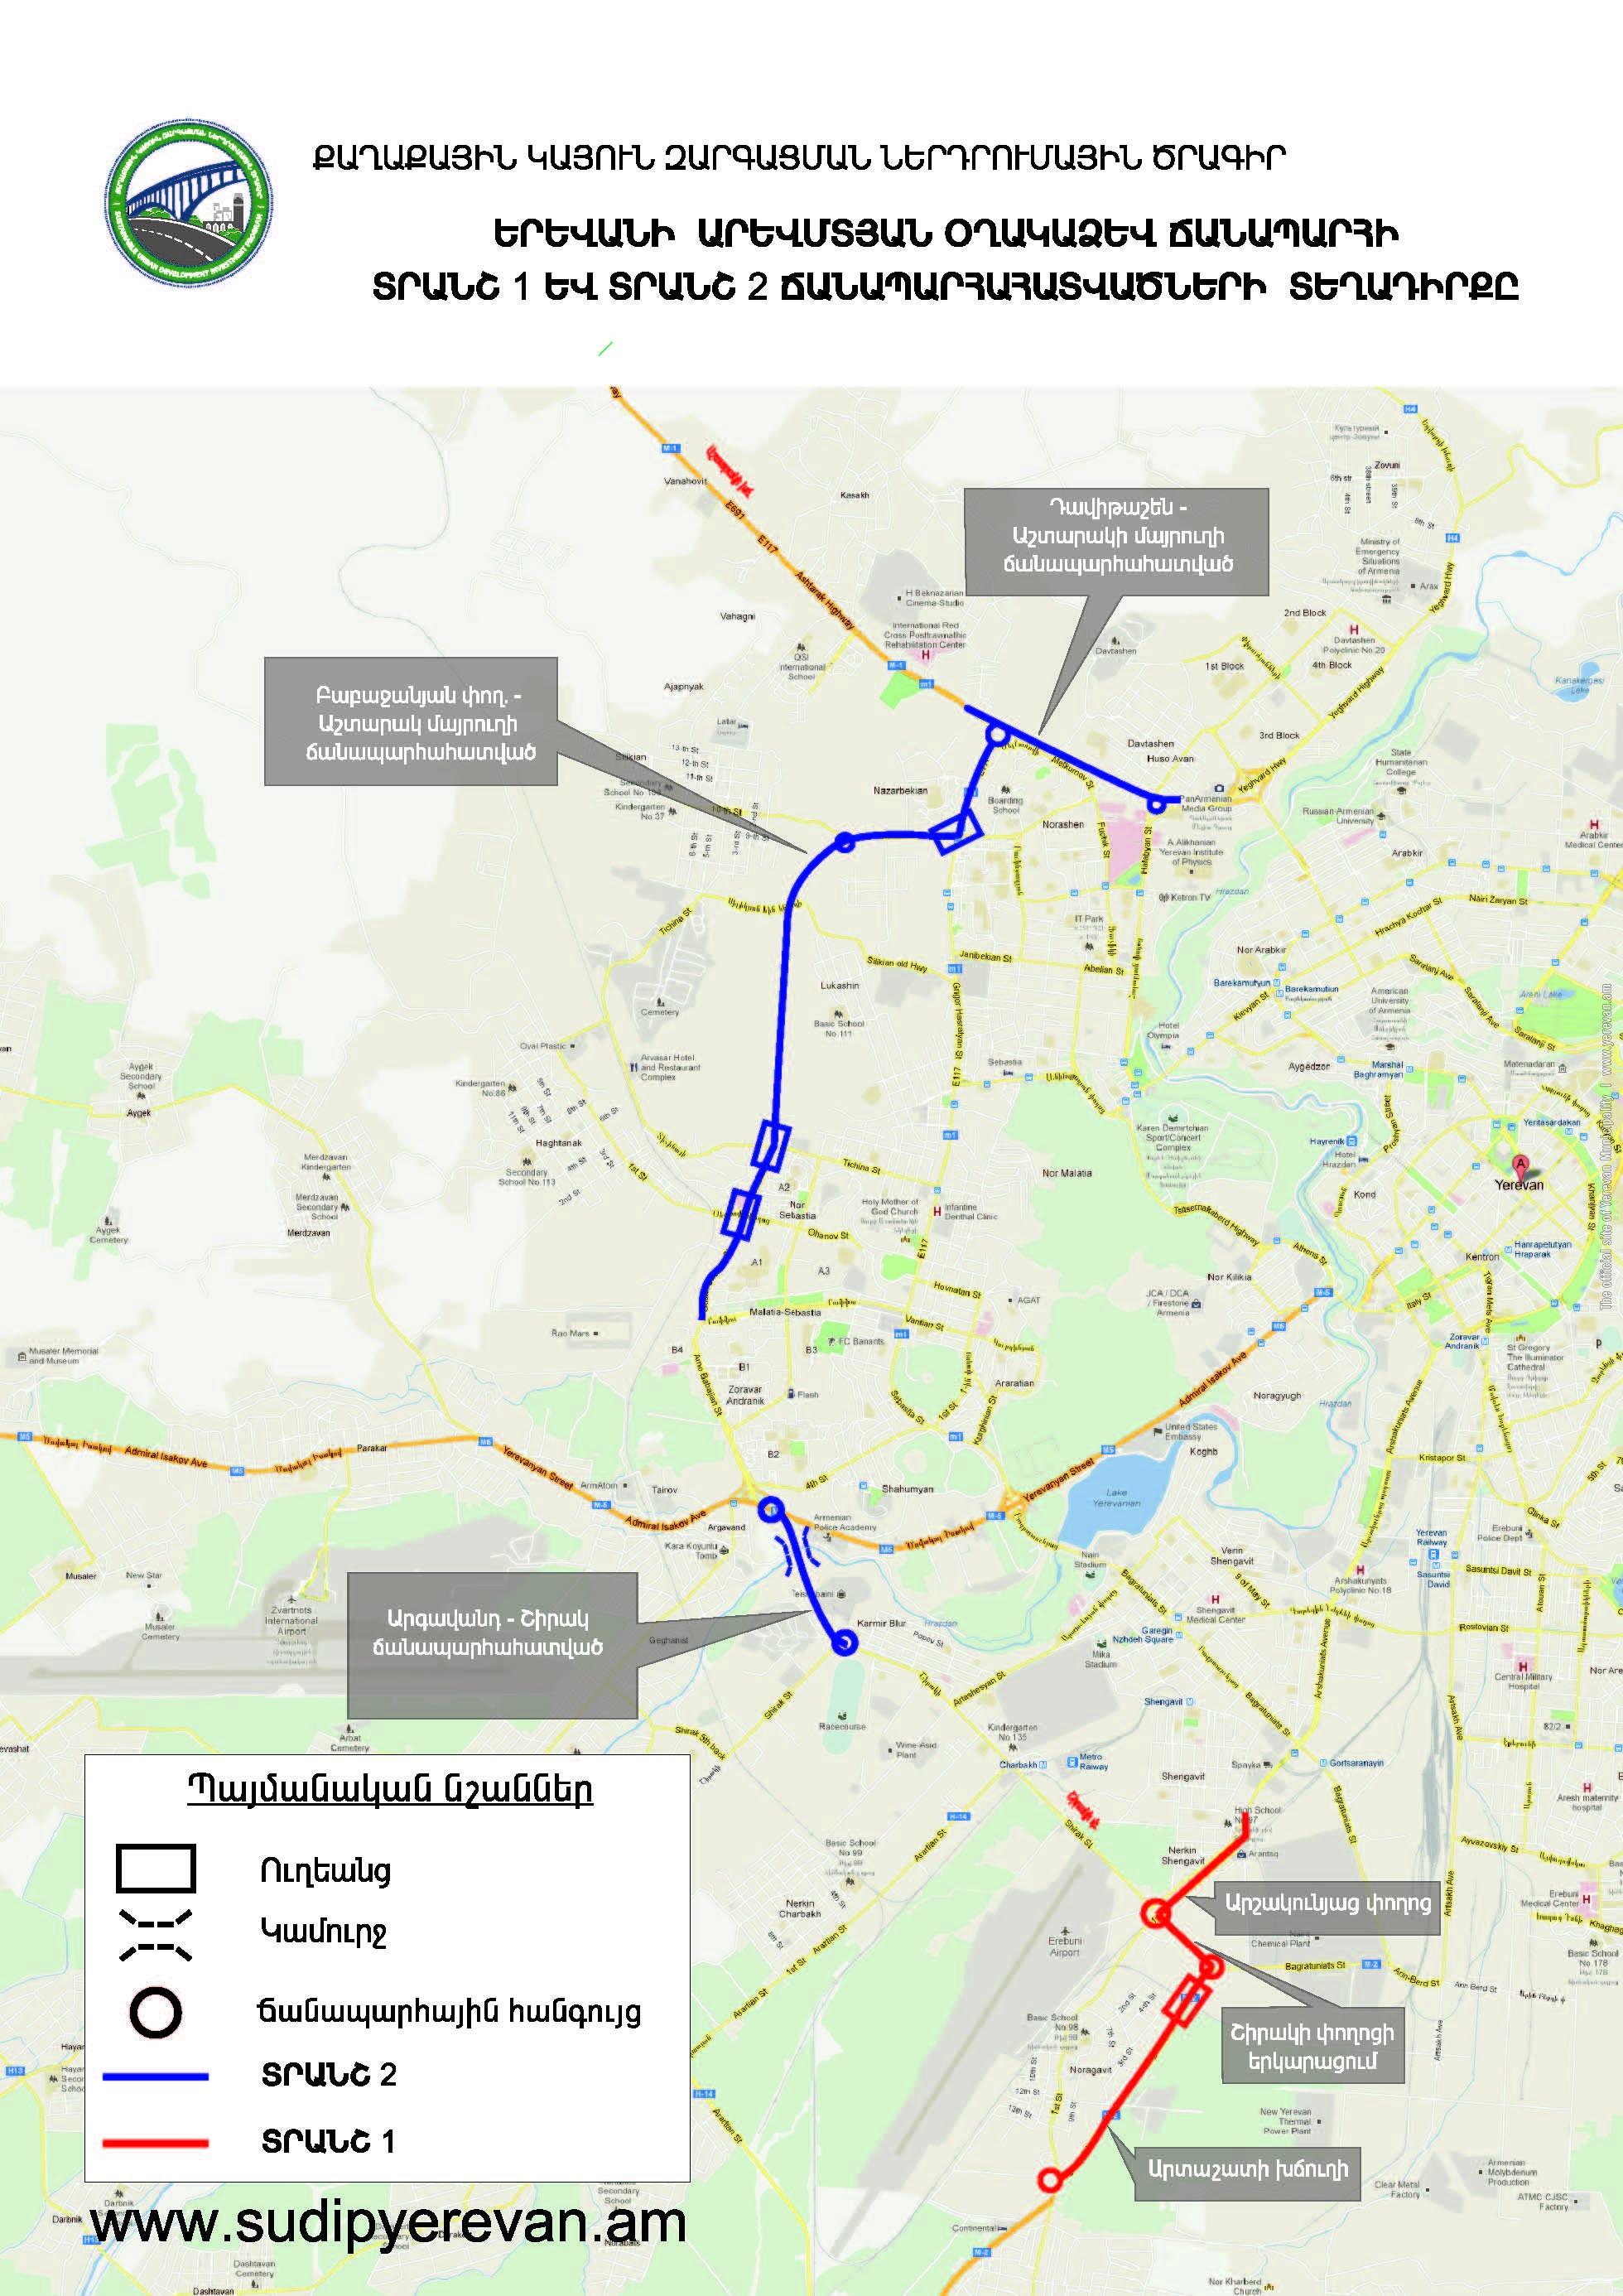 Երևանում Հրազդան գետի վրա 252 մետրանոց կամուրջ կկառուցվի